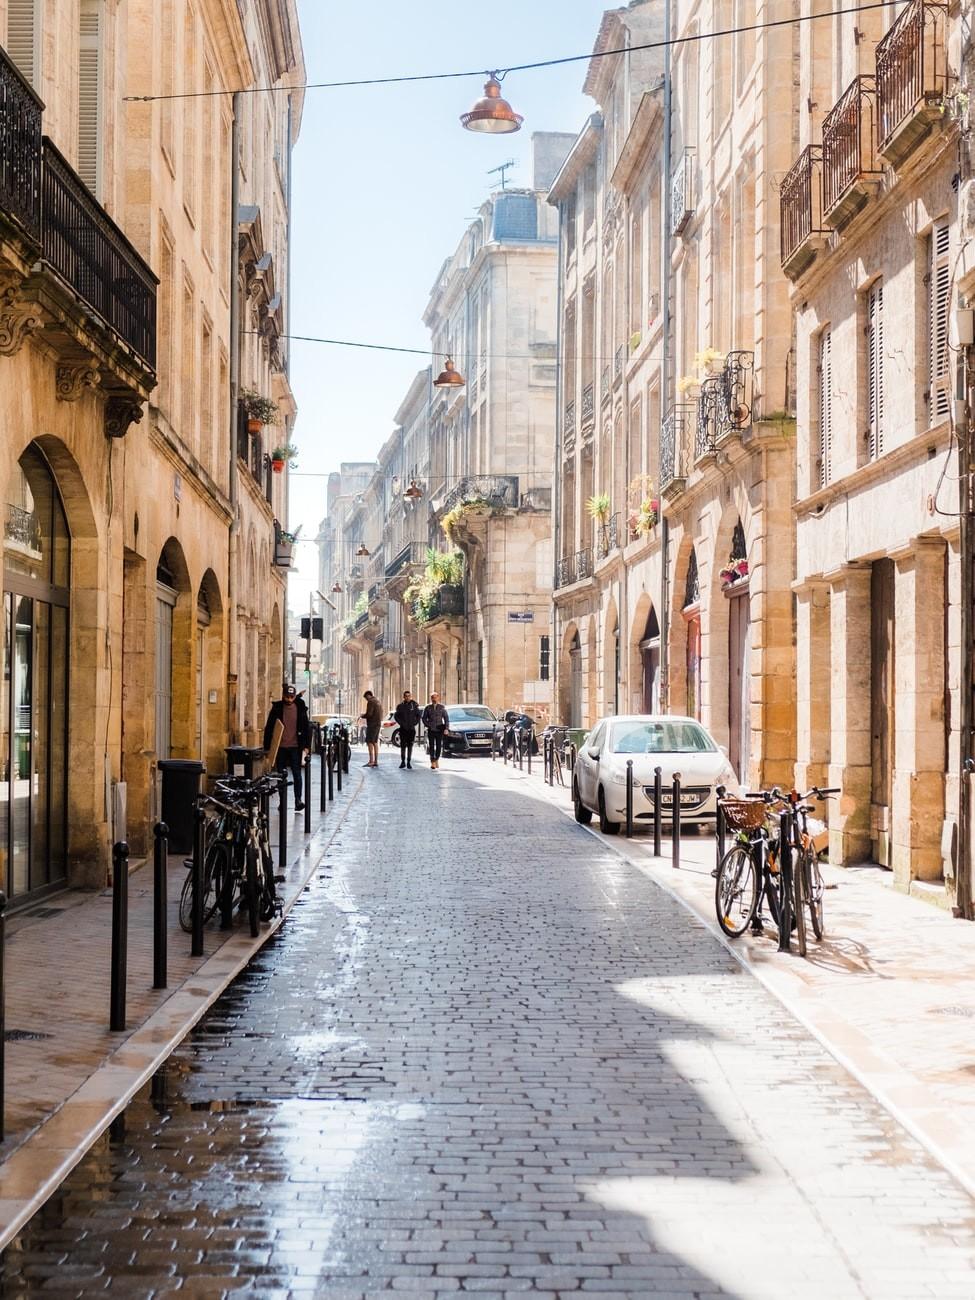 Esperienza a Bordeaux, Francia di Charles